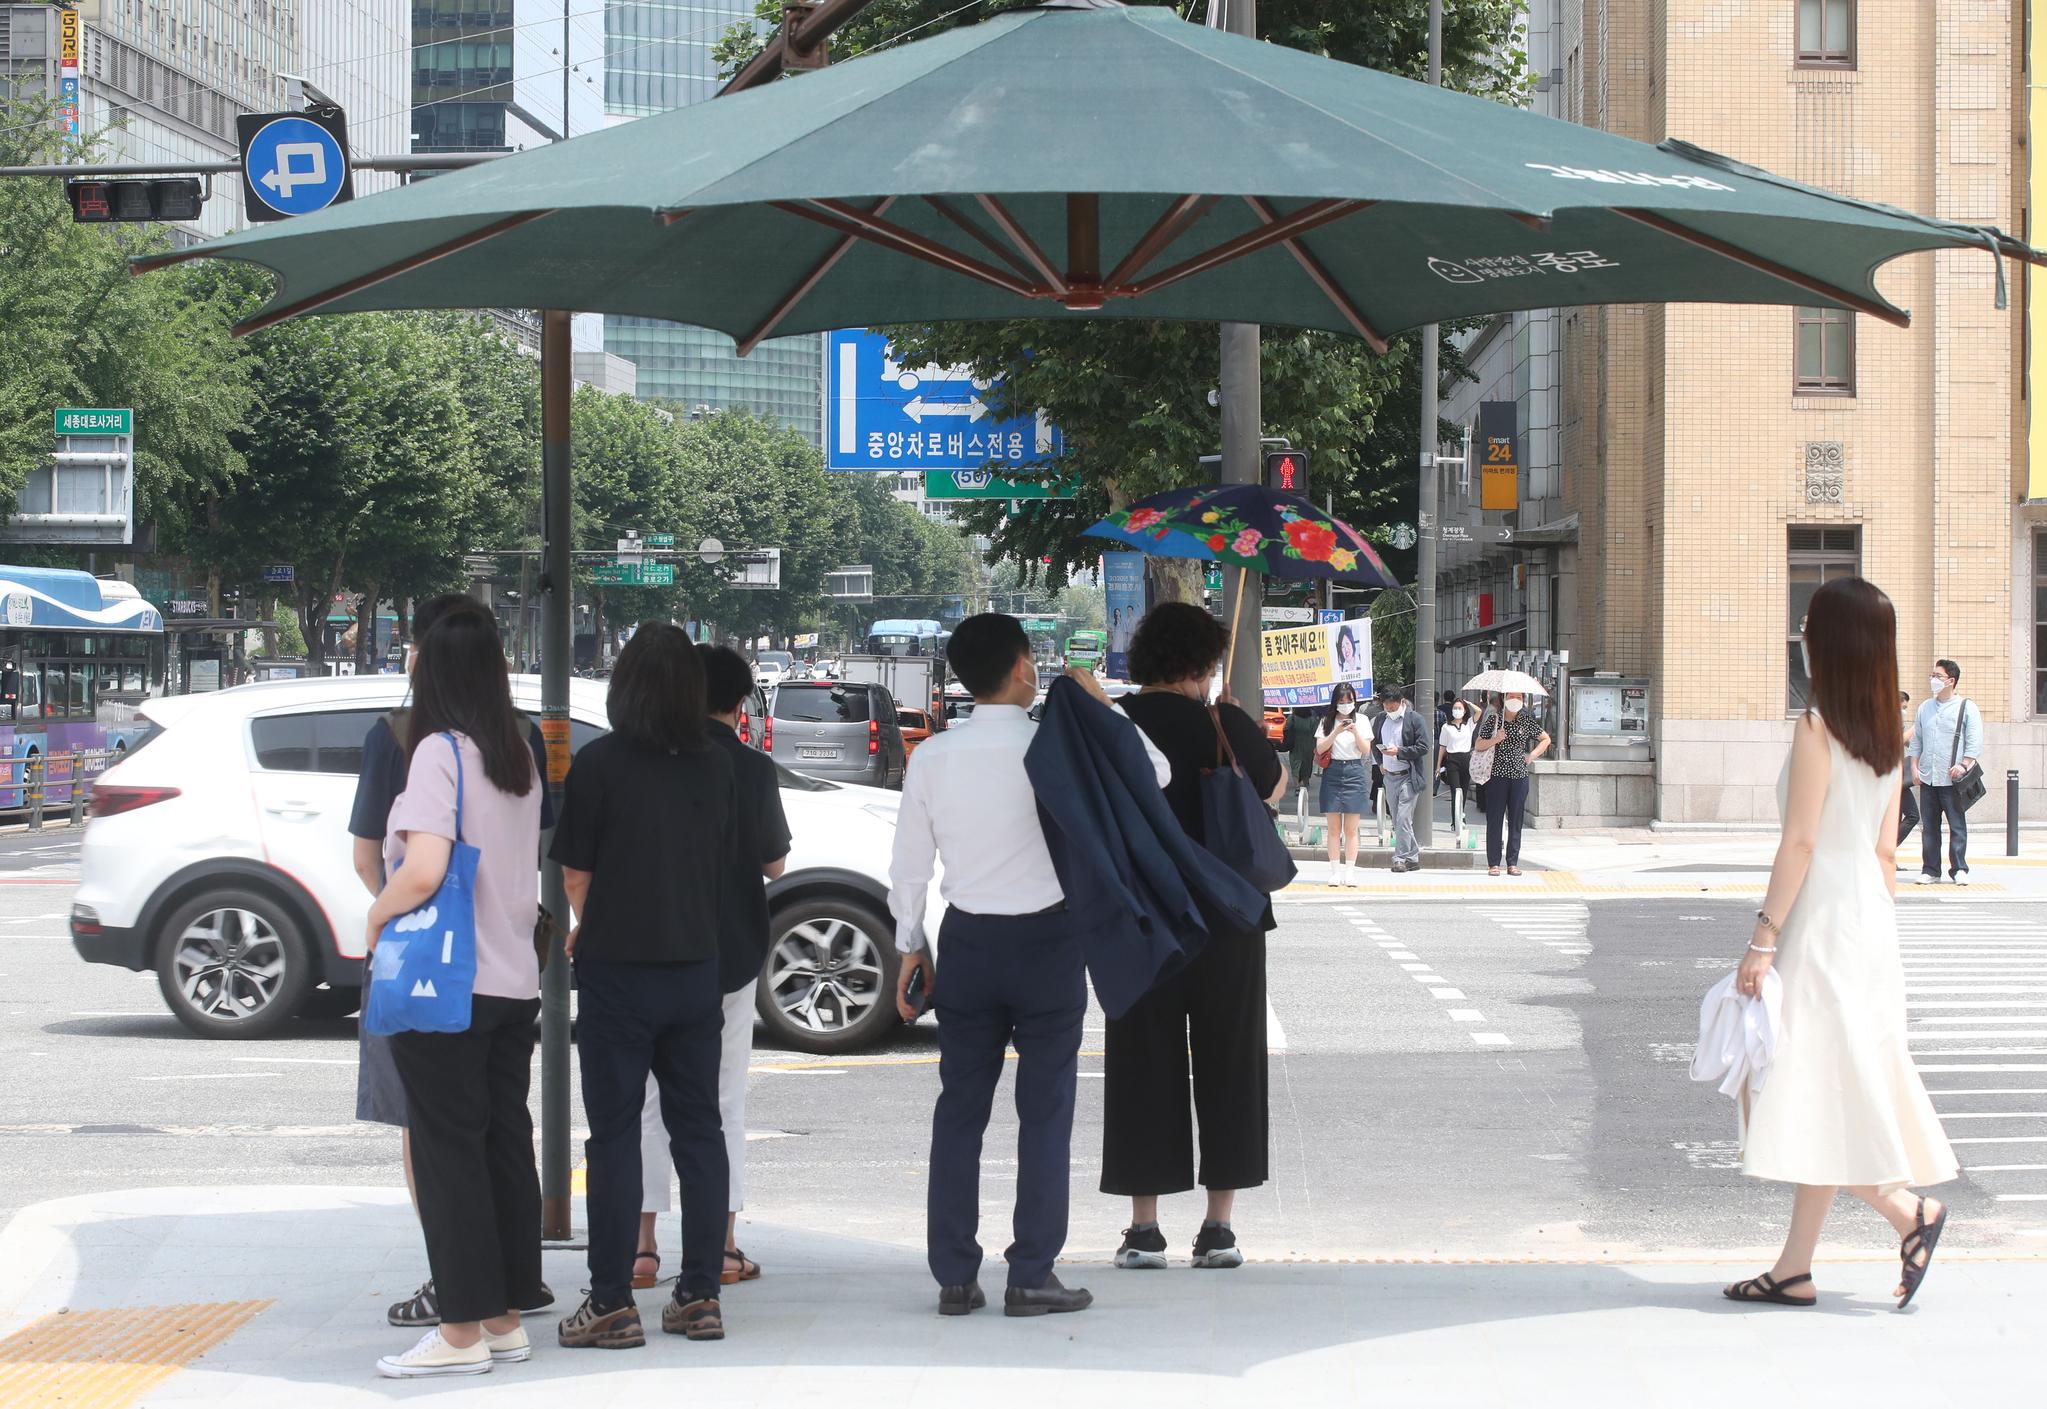 6일 서울 광화문 세종대로에서 시민들이 햇볕을 피해 서 있다. 중앙포토